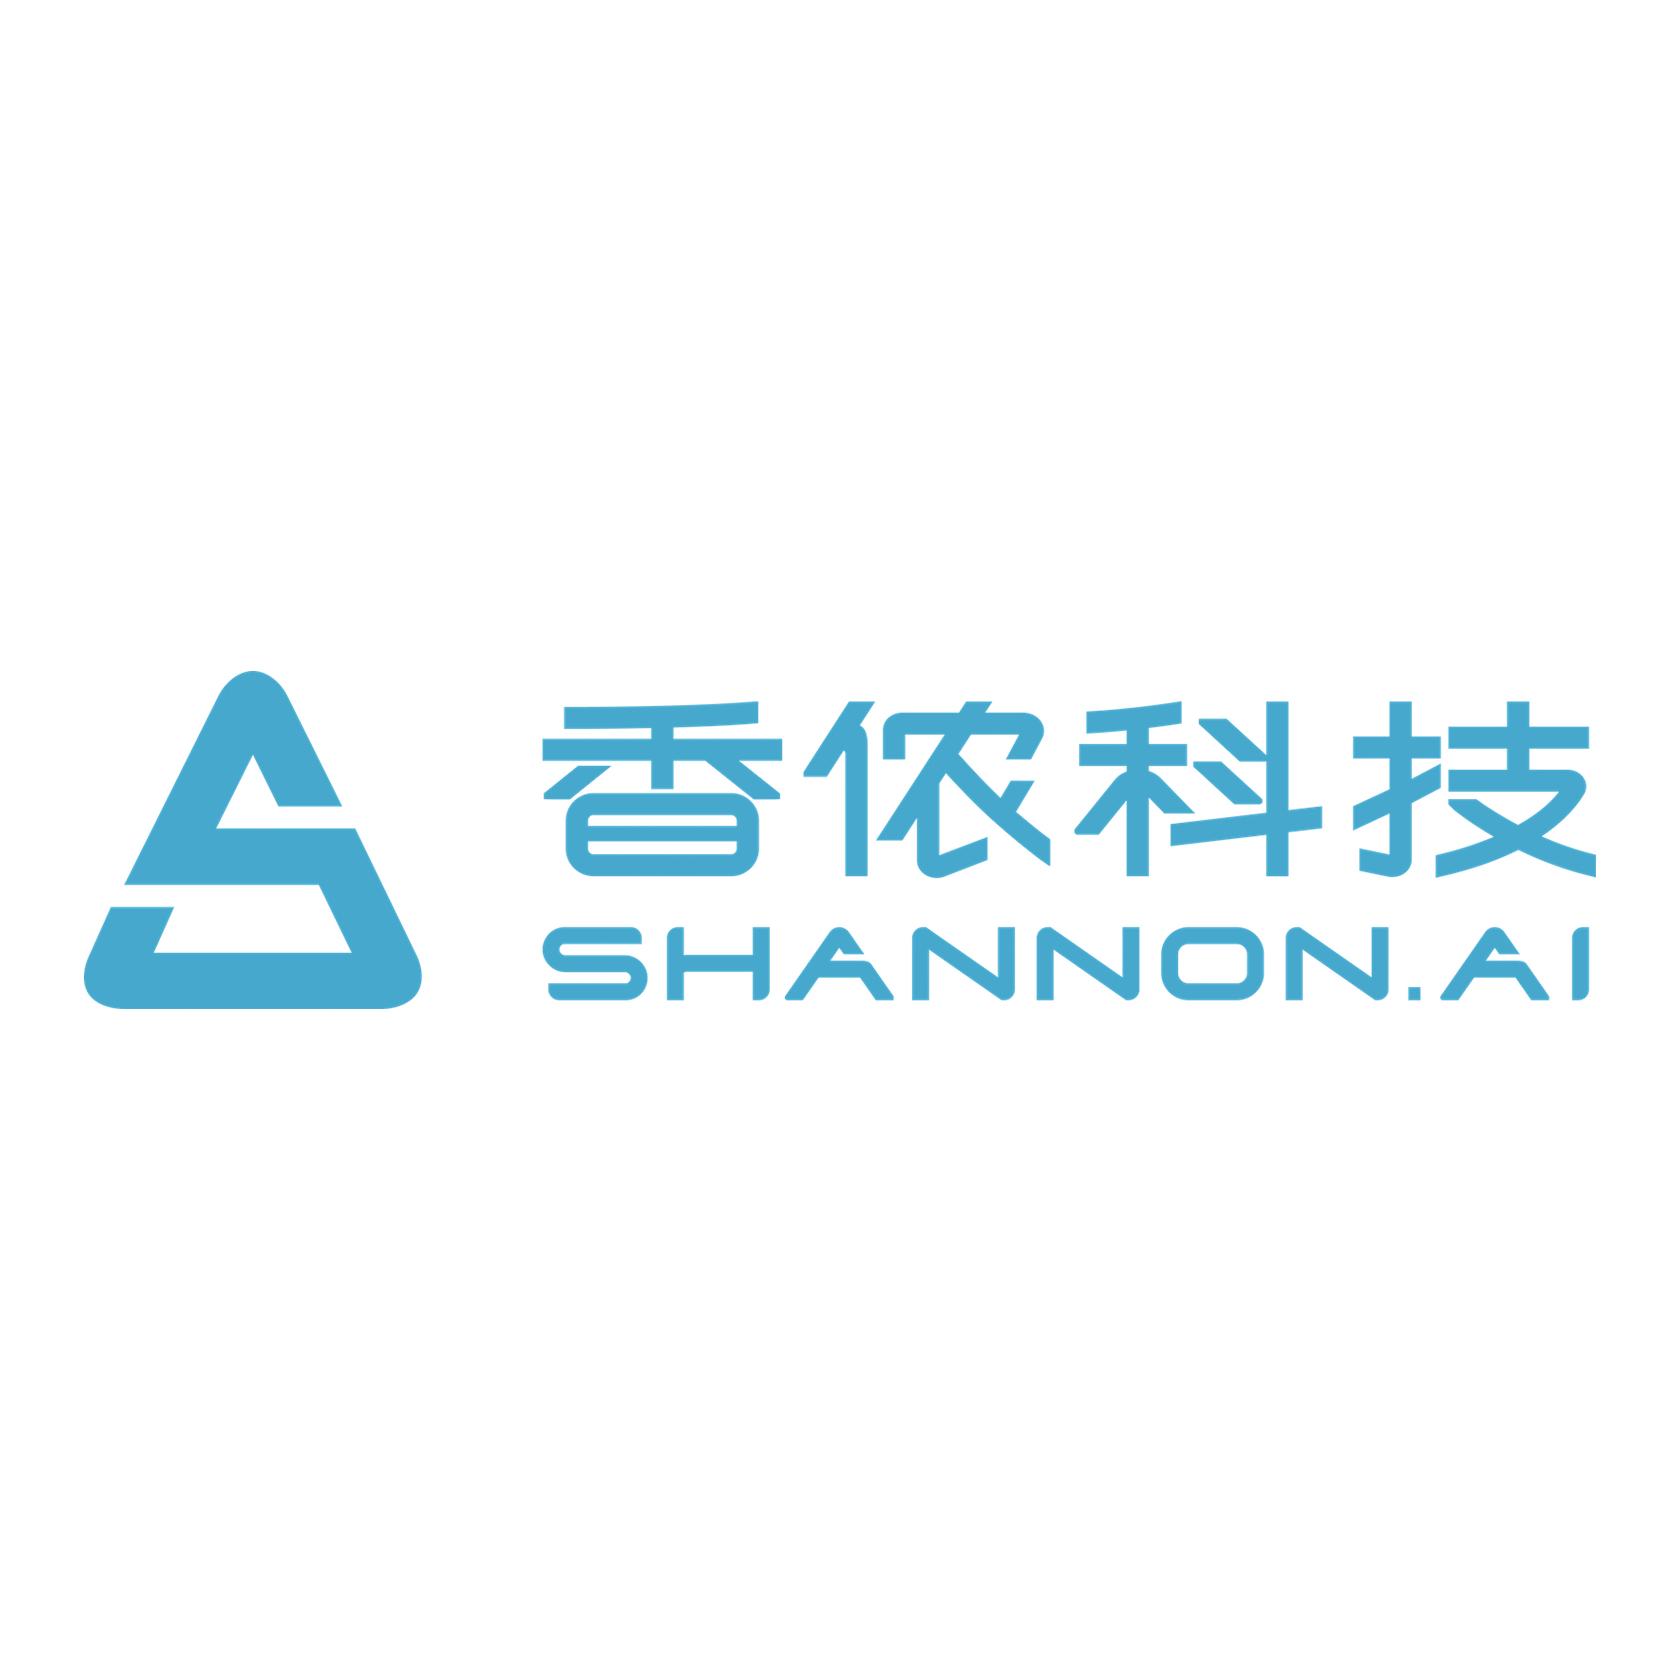 Shannon AI Logo